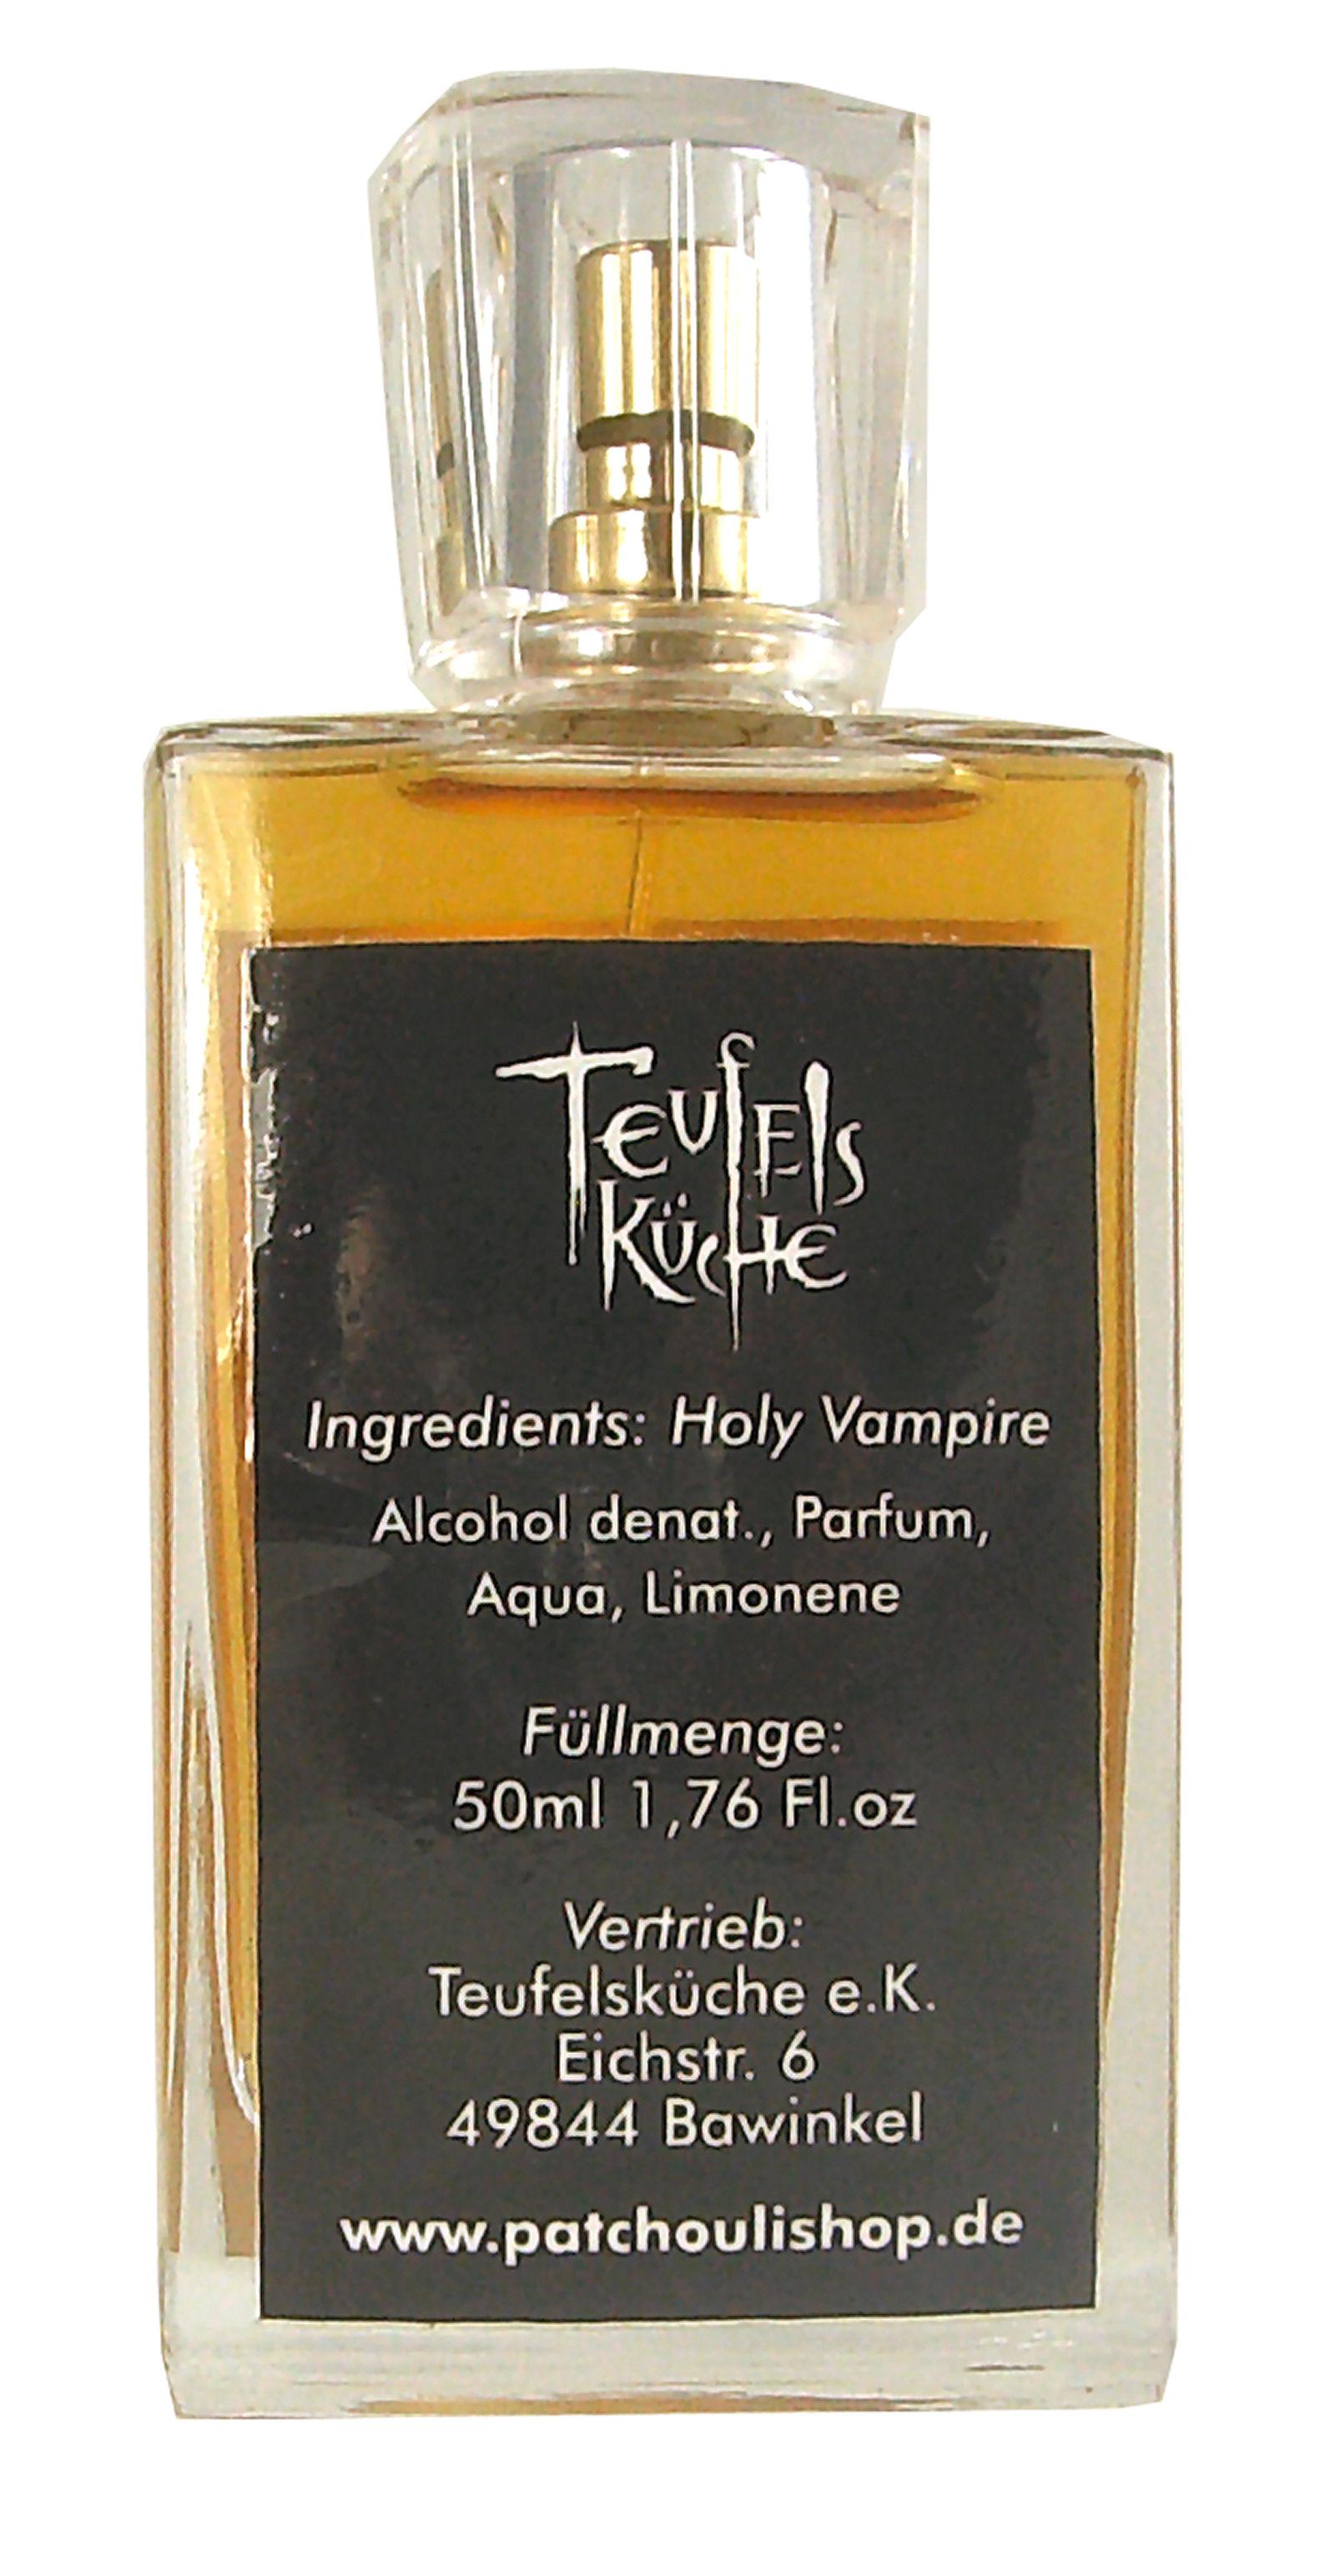 Holy Vampire, Patchouli Natur süsslich, 50ml